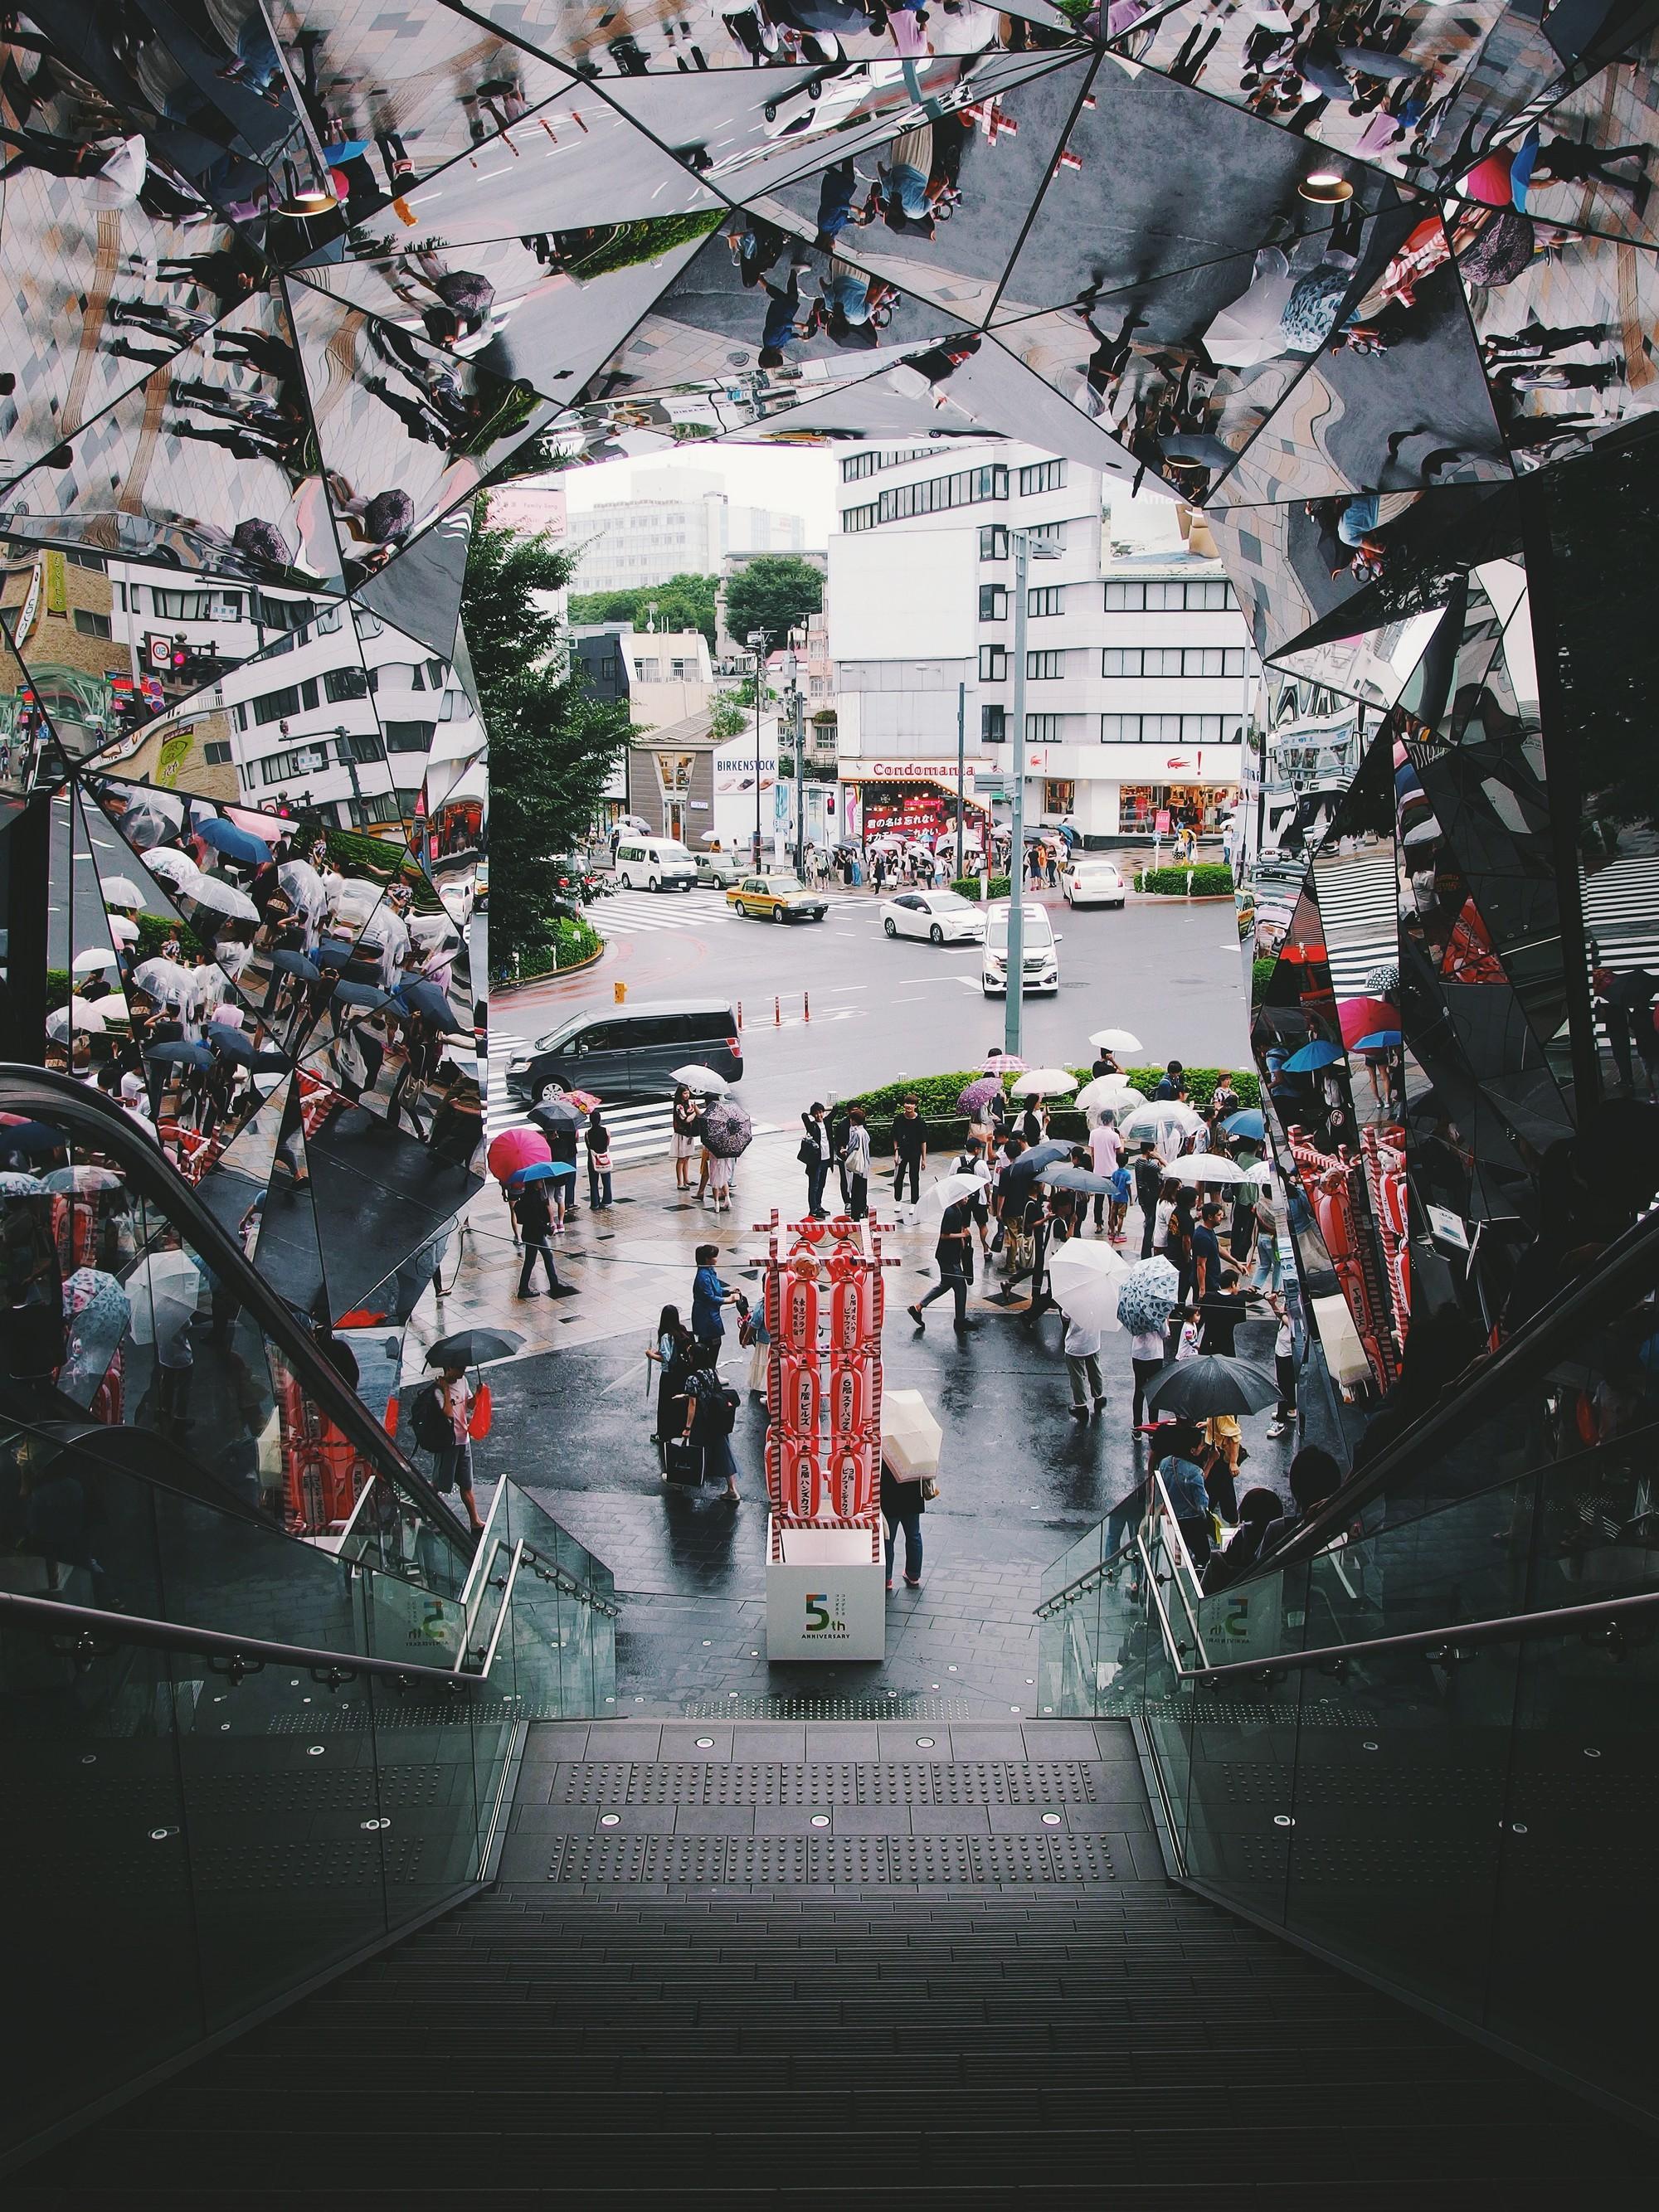 3 địa điểm được check-in nhiều nhất Tokyo, vị trí số 1 có đến 9,6 triệu bức hình trên Instagram! - Ảnh 5.